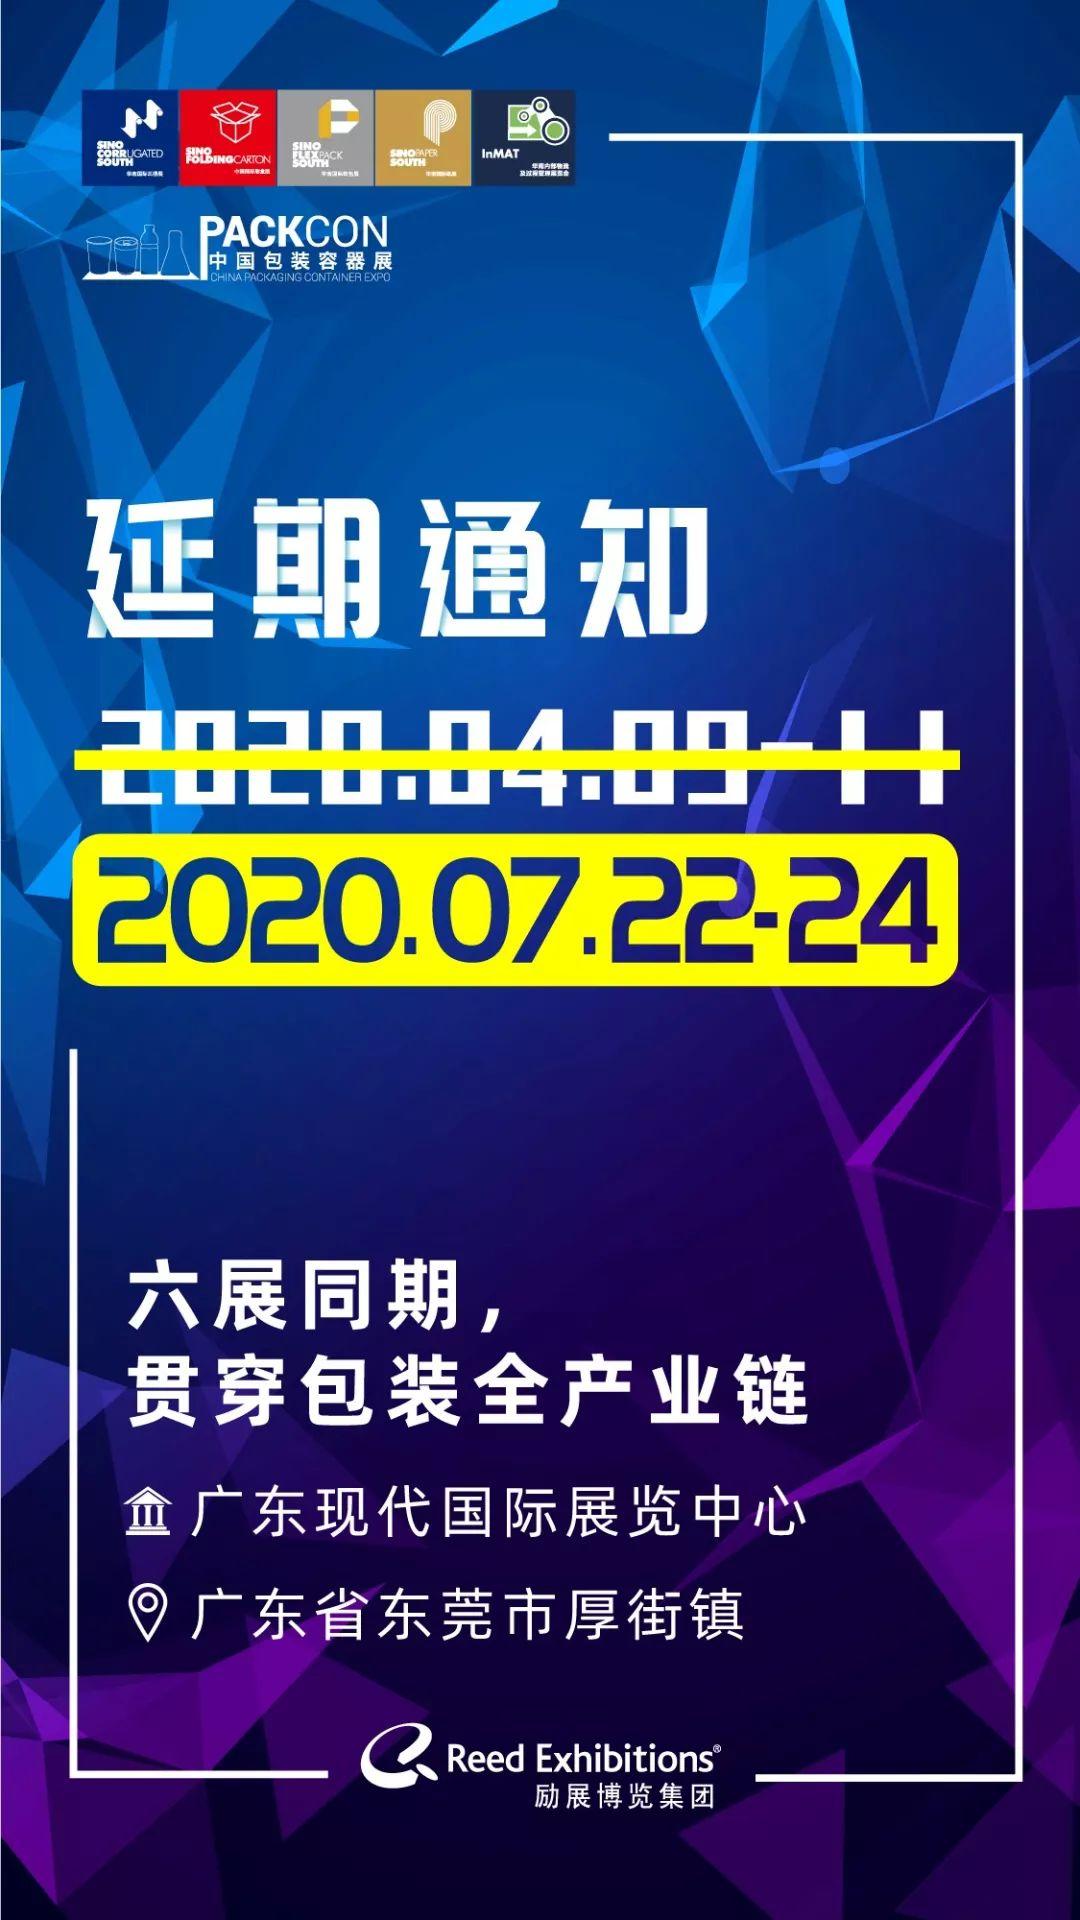 头条|2020华南国际瓦楞展、彩盒展将延期至7月份举办